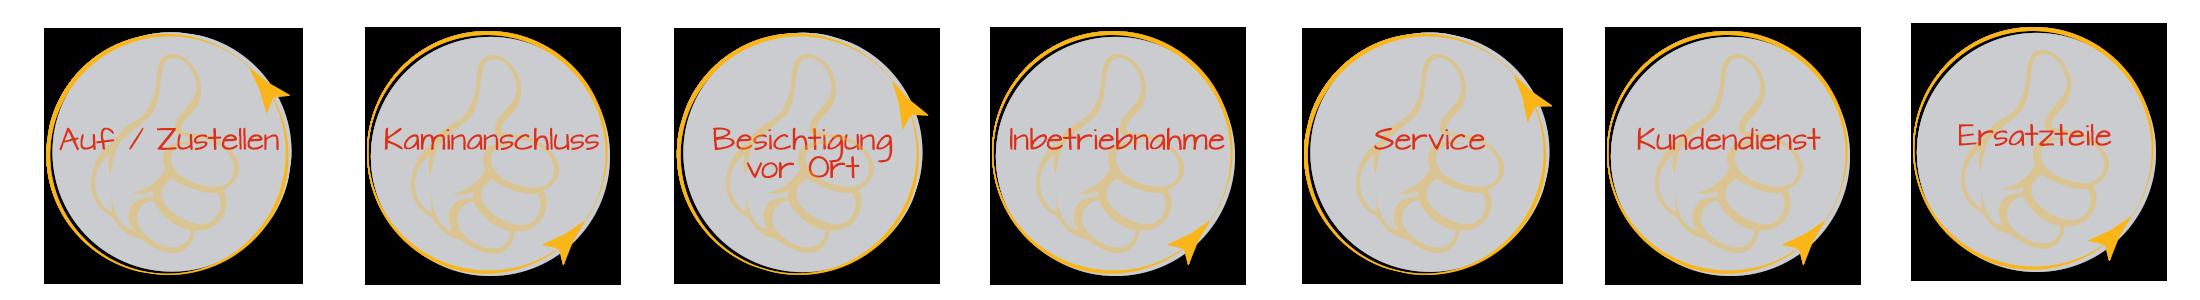 Becoflamm_Zusatzleistungen_3